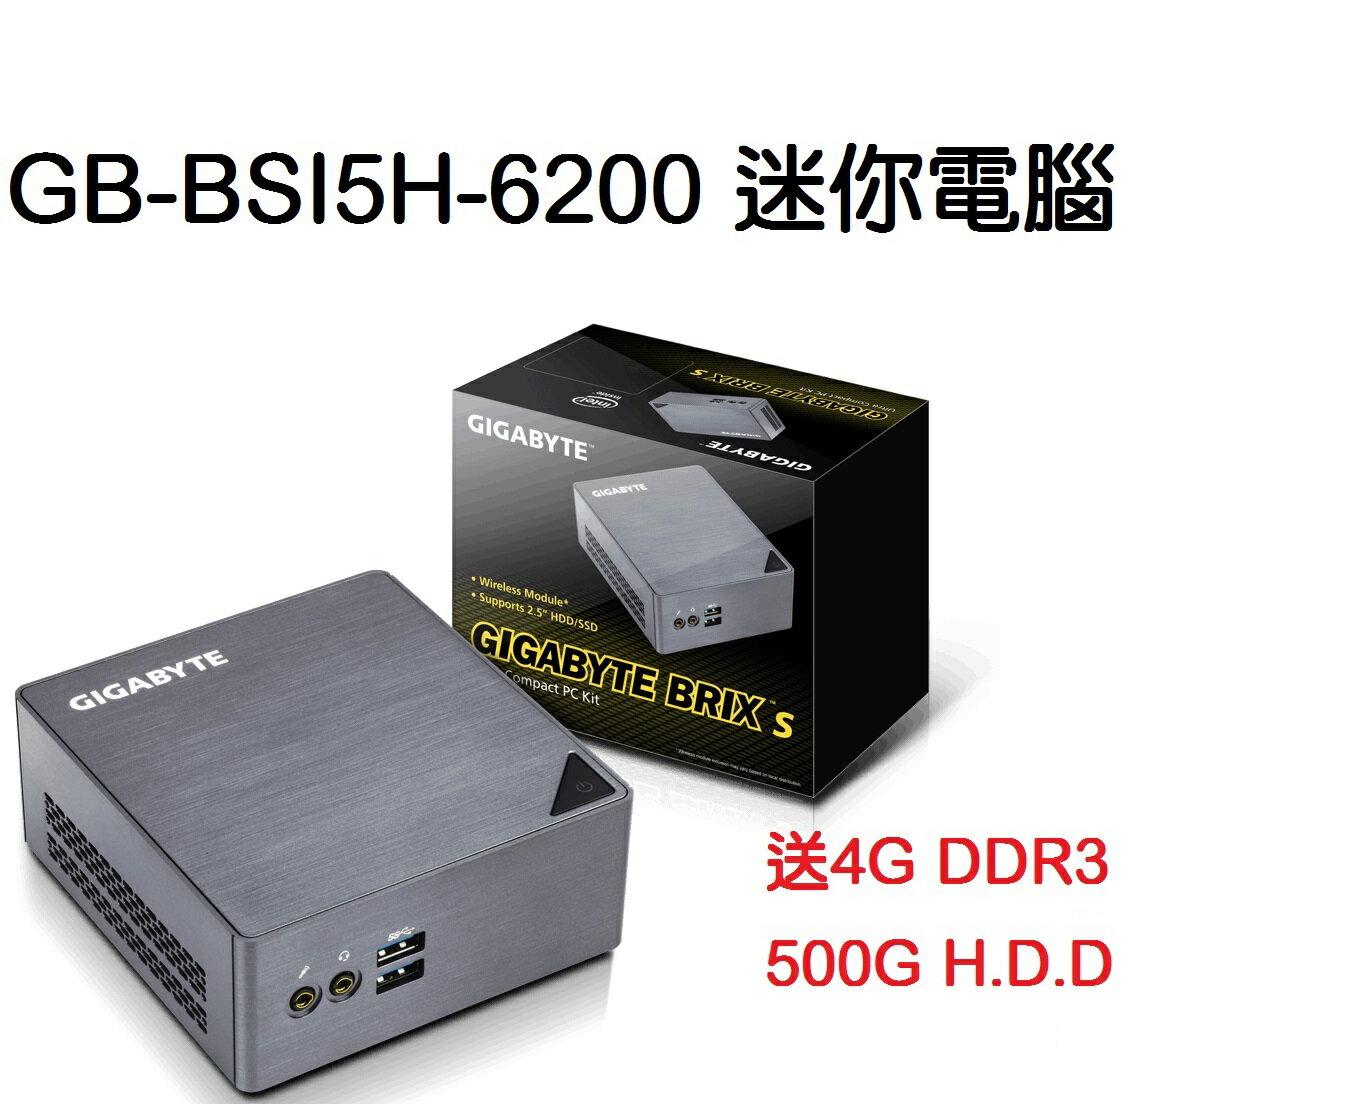 【* 儲存家3C *】技嘉GB-BSI5H-6200 迷你電腦